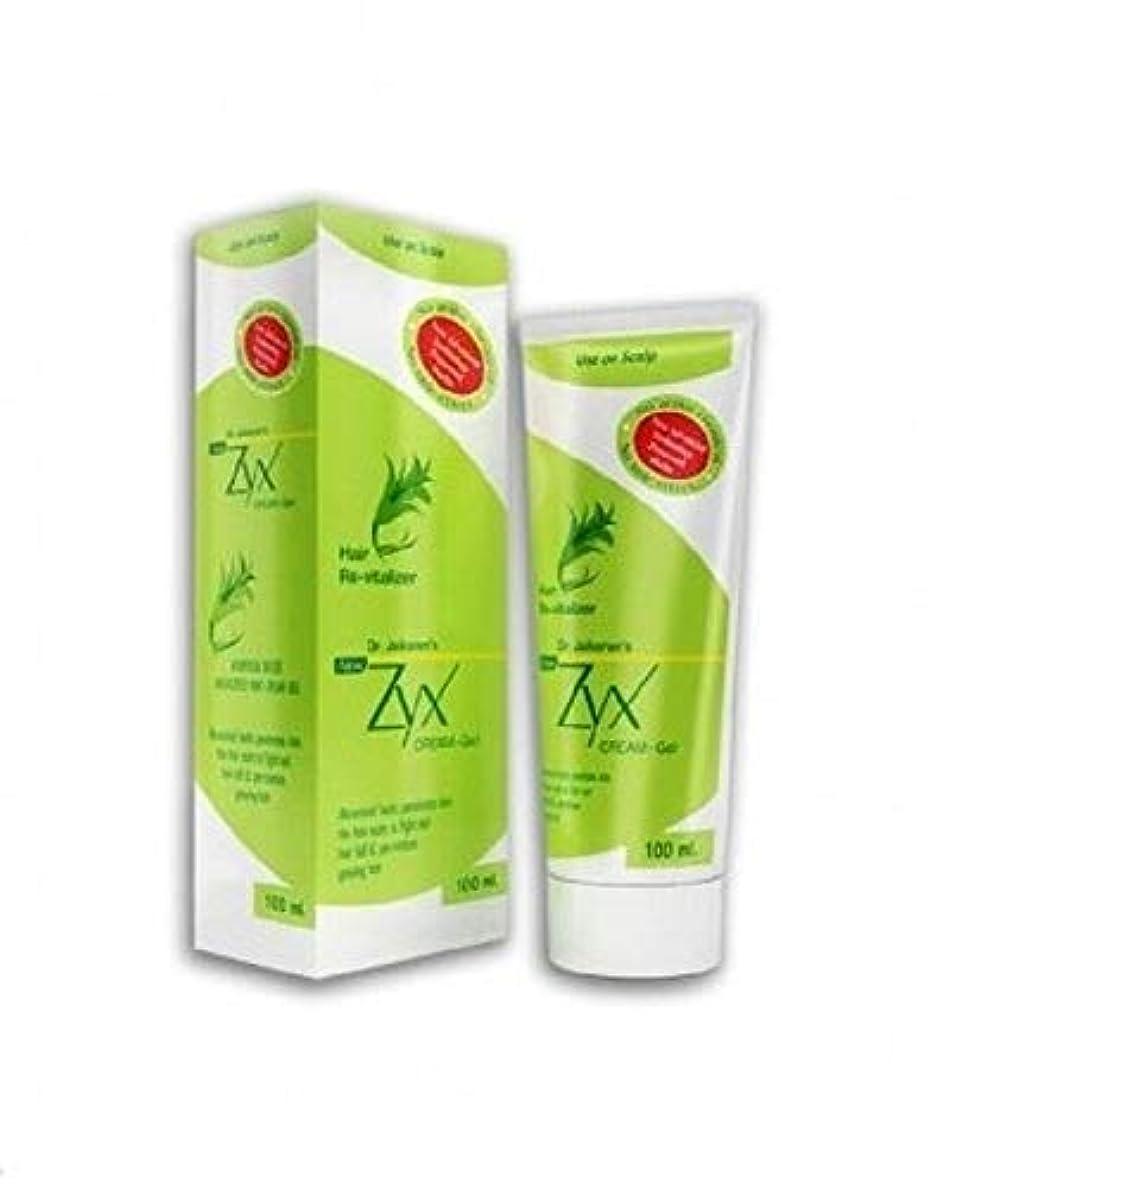 シャツピンポイント考えたHair Cream Gel Zyx ヘアクリームジェル 100ml 100% Natural for prevention of Hair related problems 髪の毛の問題を予防するための100%ナチュラル